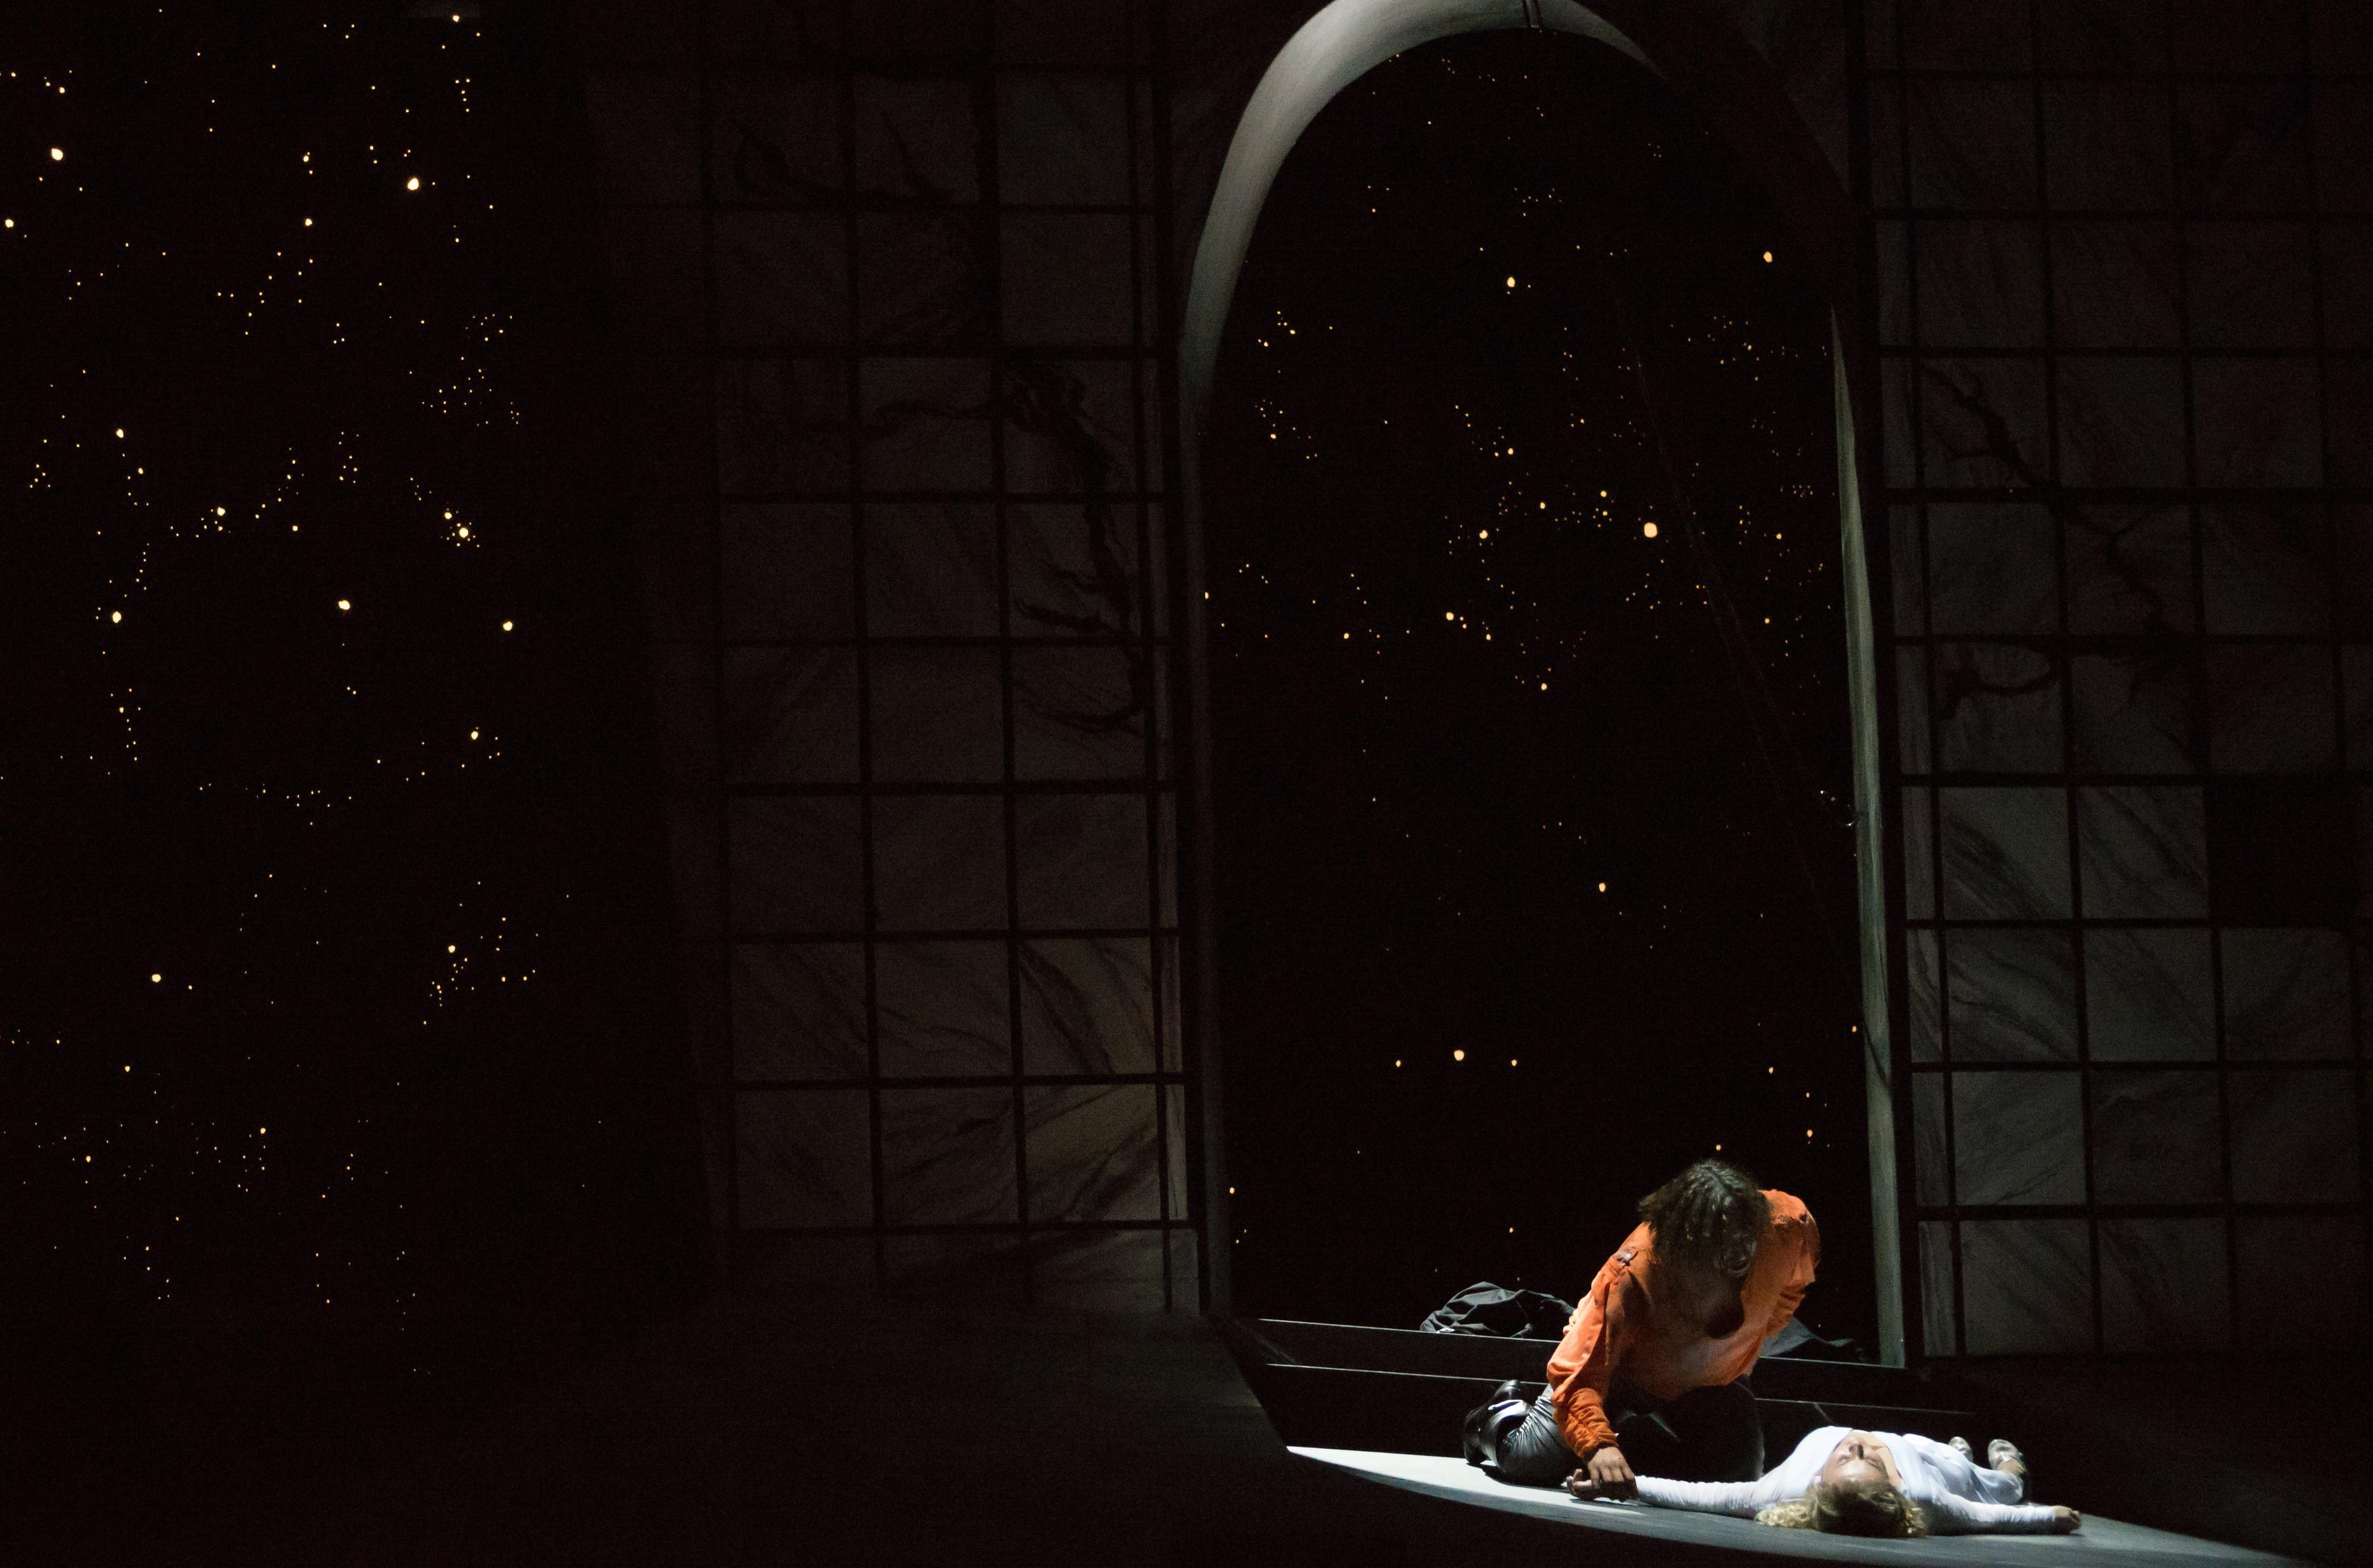 «Отелло» - трагедия под звездным небом